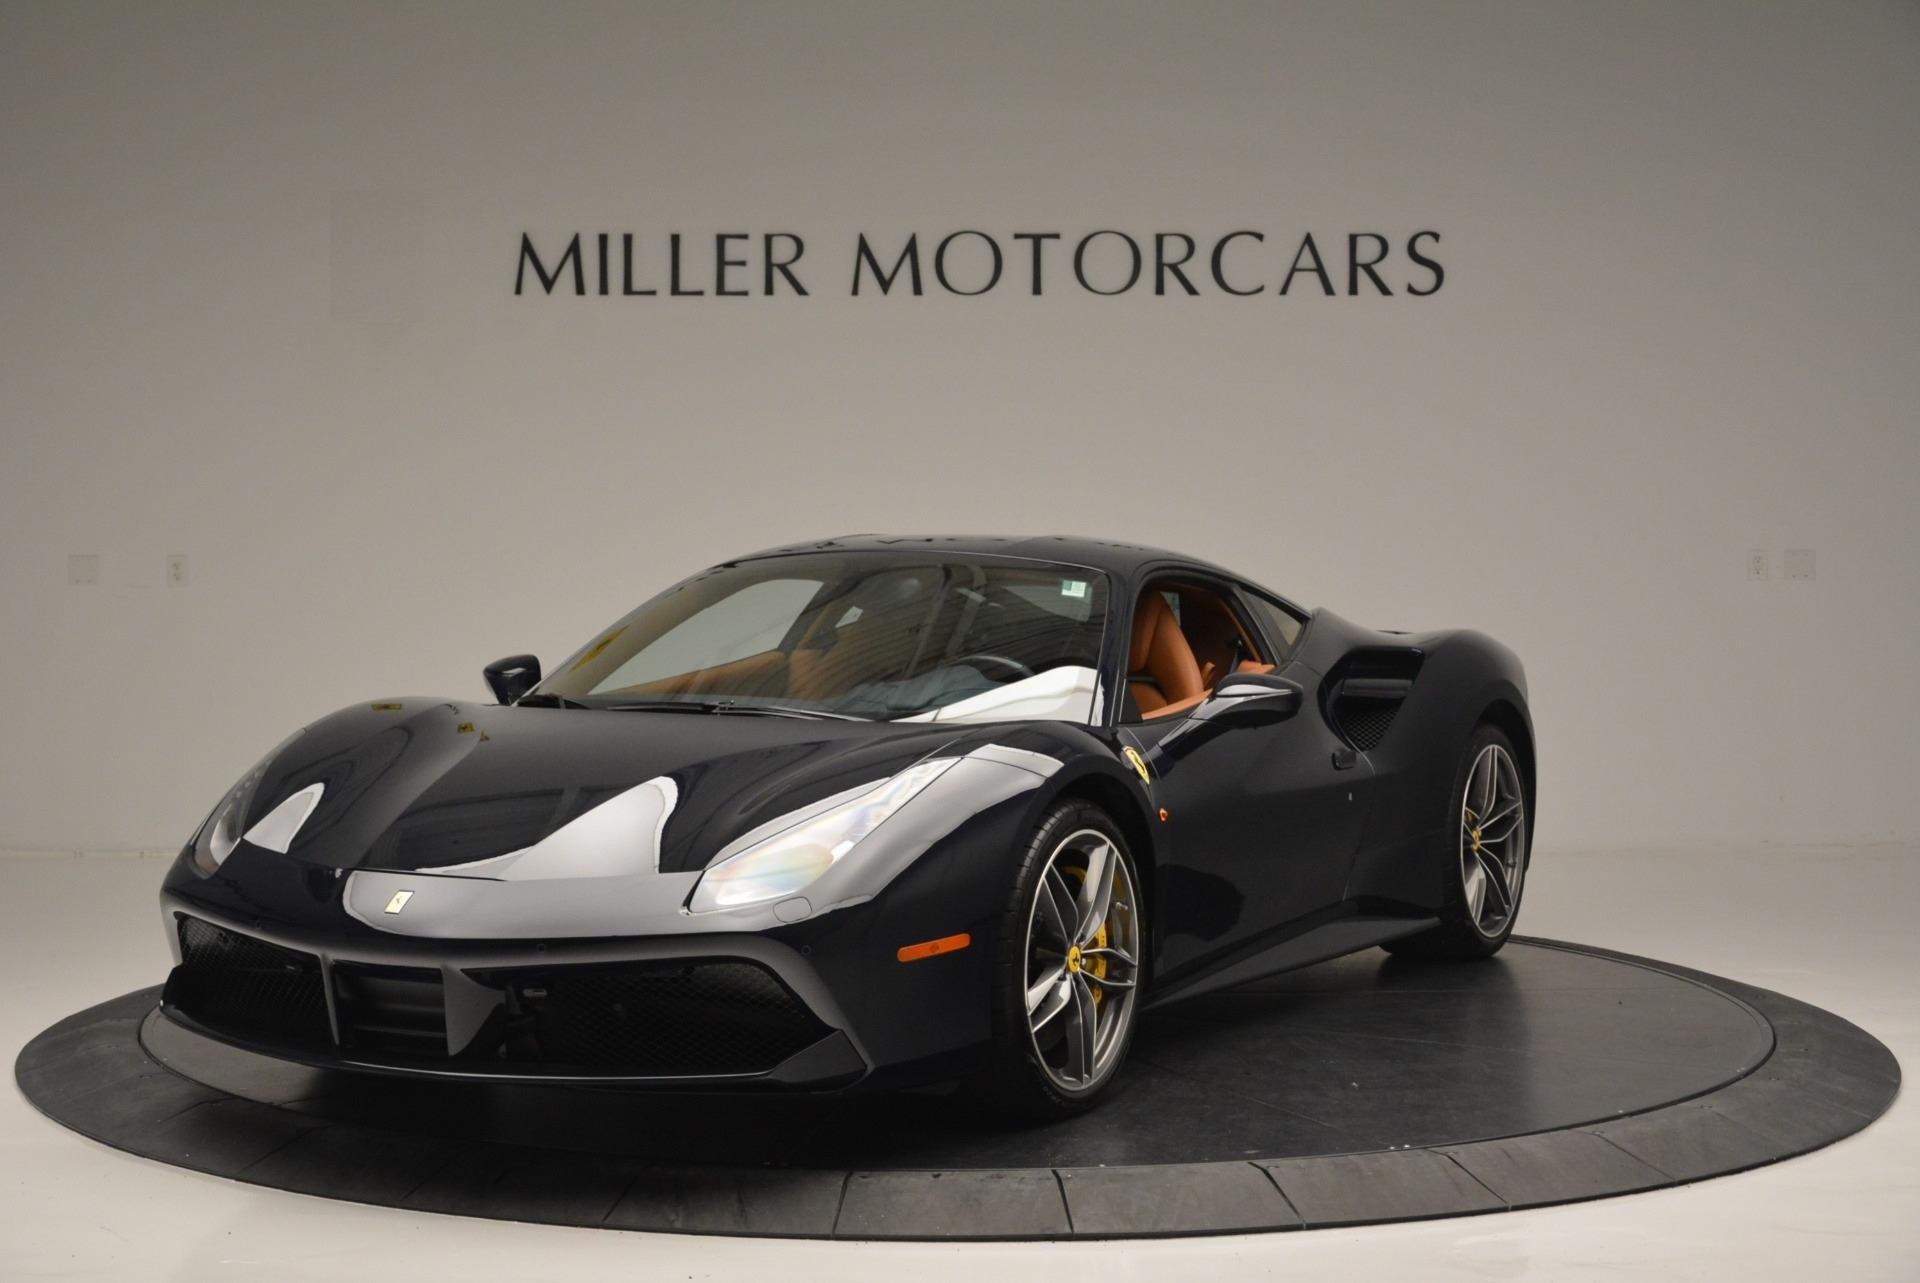 Used 2018 Ferrari 488 Gtb For Sale Miller Motorcars